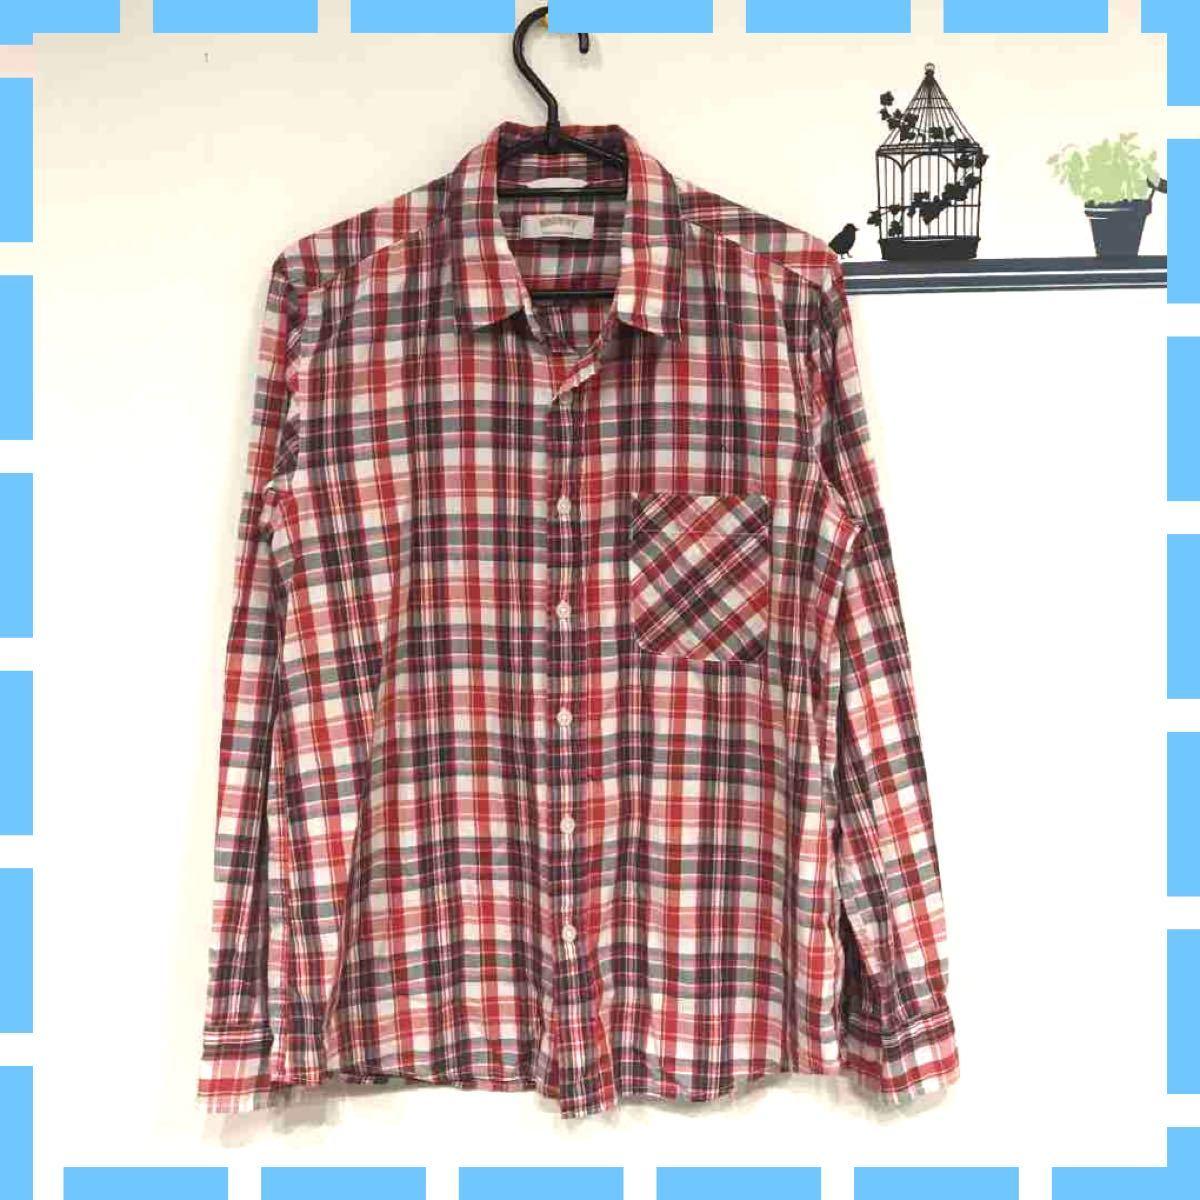 メンズシャツ ブラウニー チェックシャツ チェック柄 赤系 長袖シャツ